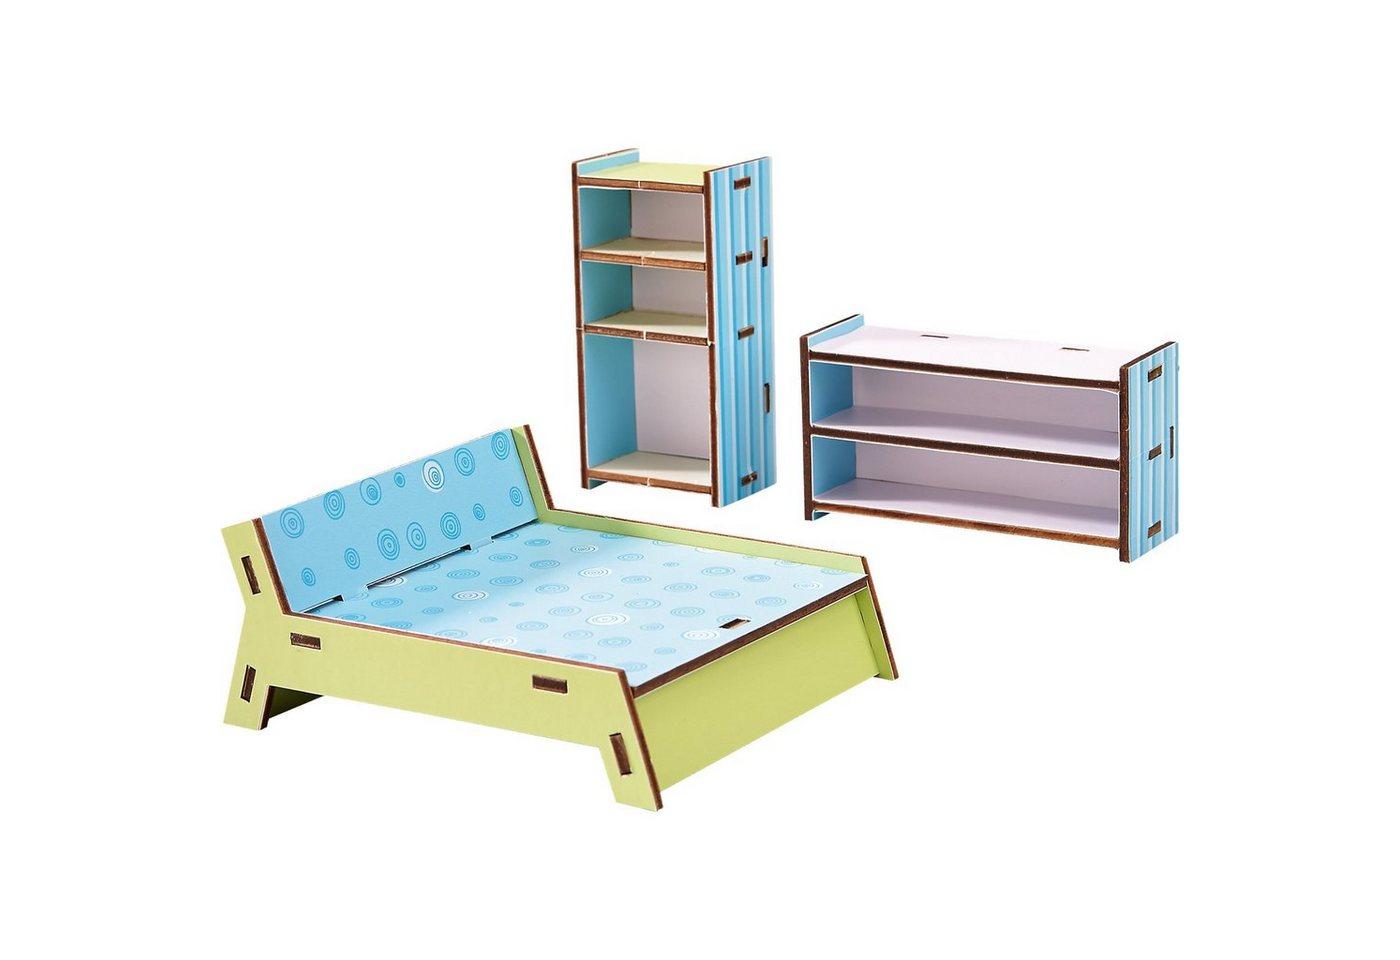 haba bett g nstig gebraucht finden billiger kaufen. Black Bedroom Furniture Sets. Home Design Ideas